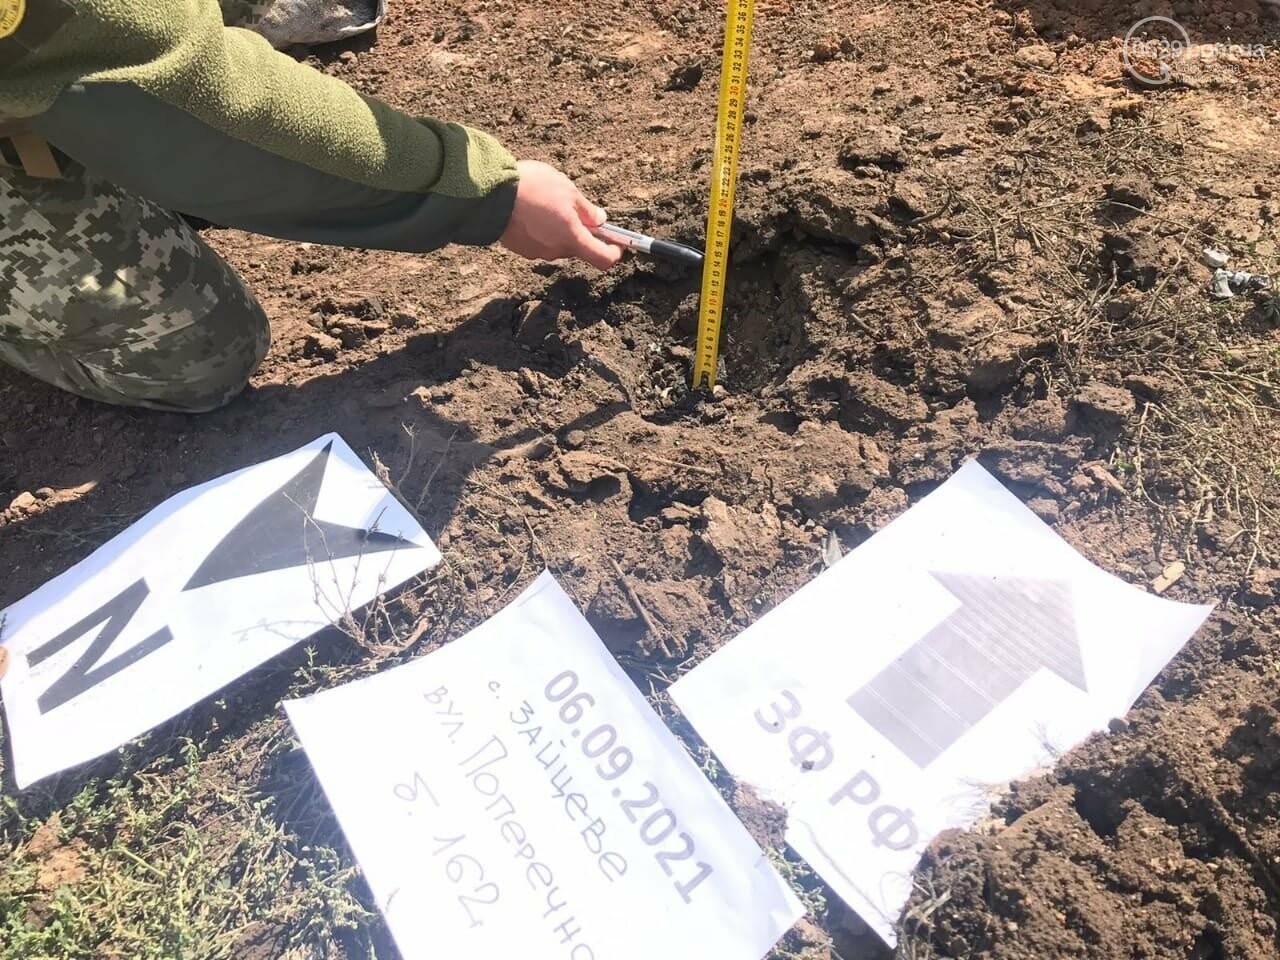 На Донбассе боевики сбросили на мирные дома бомбы, распечатанные на 3D принтере, - ФОТО, фото-3